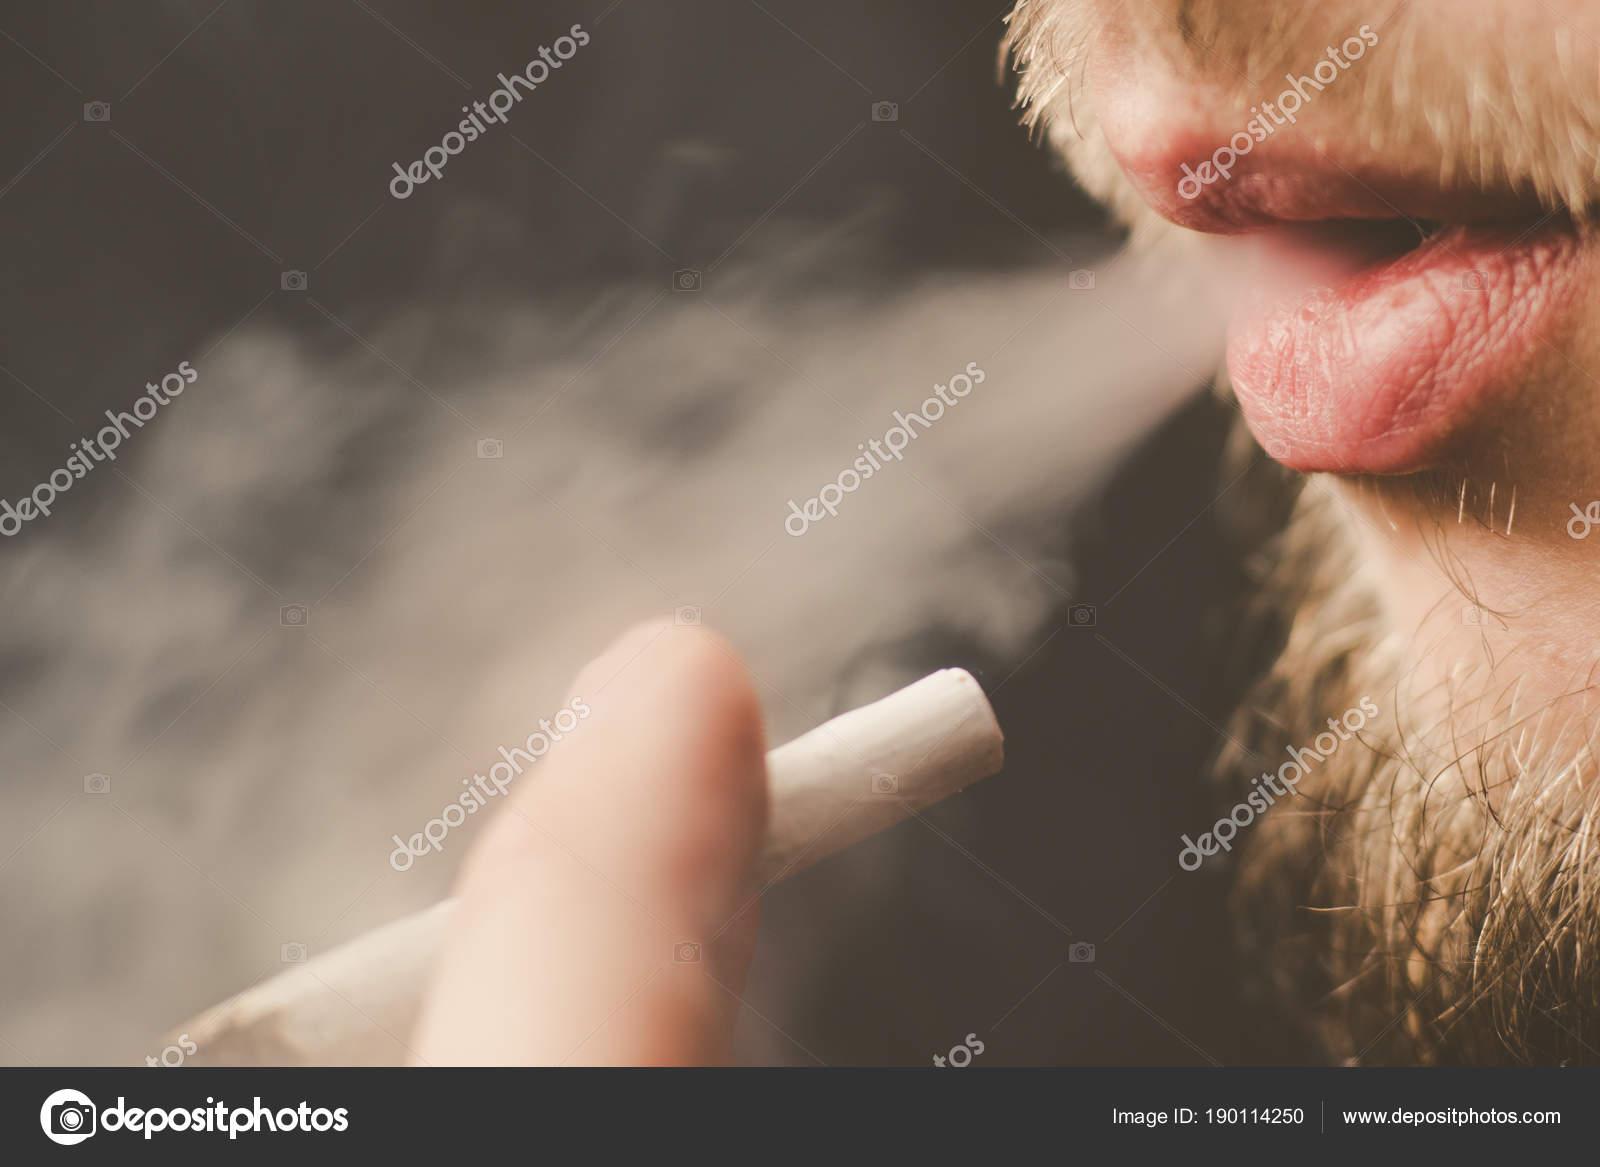 Что делать если мой парень курит коноплю правда о марихуане онлайн